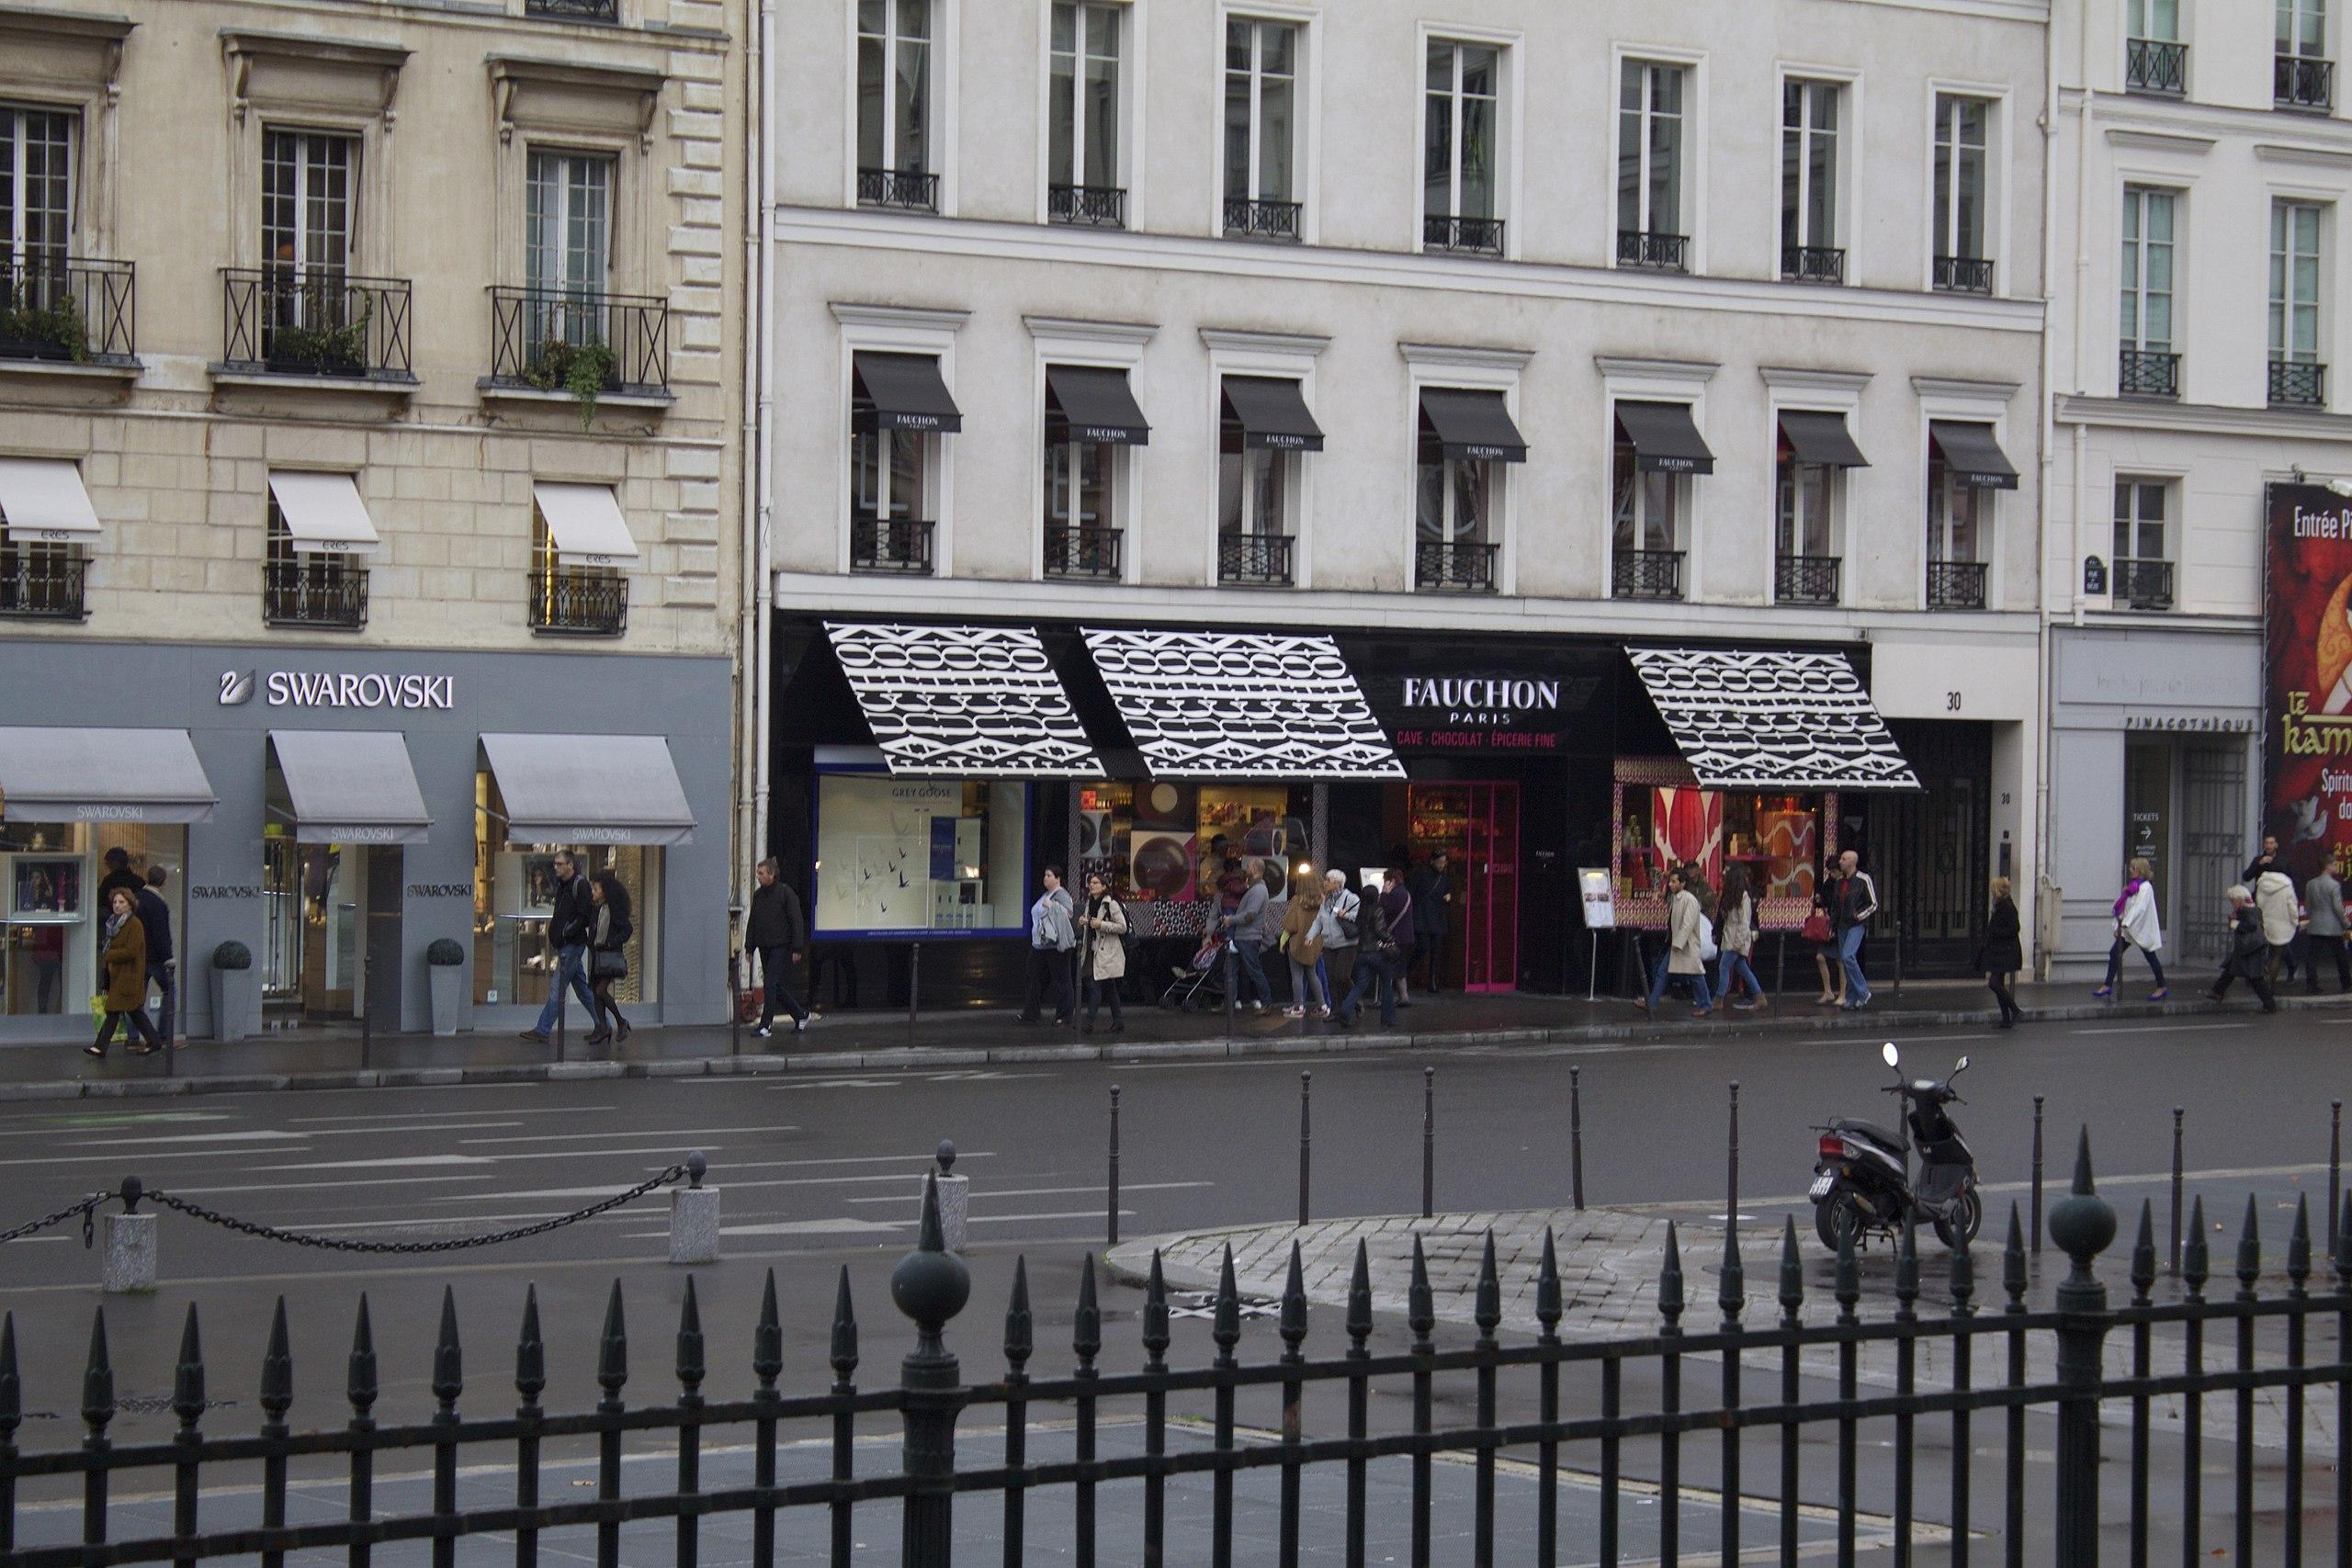 File:Swarovski and Fauchon, Place de la Madeleine, 75008 Paris ...